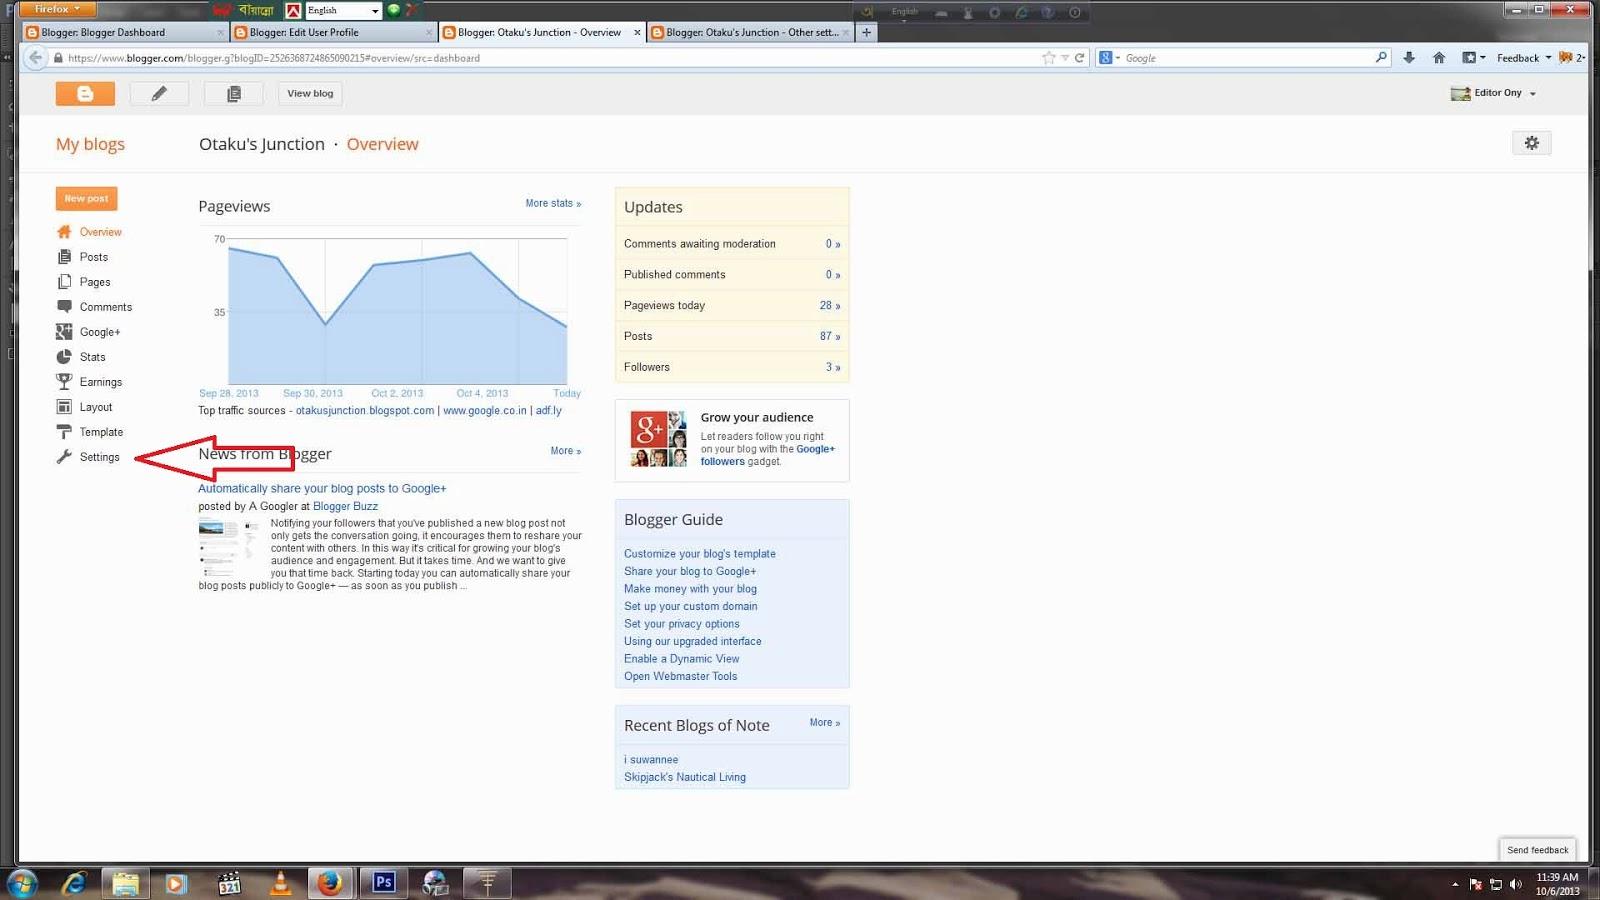 আপনার Blogspot blog টির Post গুলোর সম্পূর্ণ Backup নিন